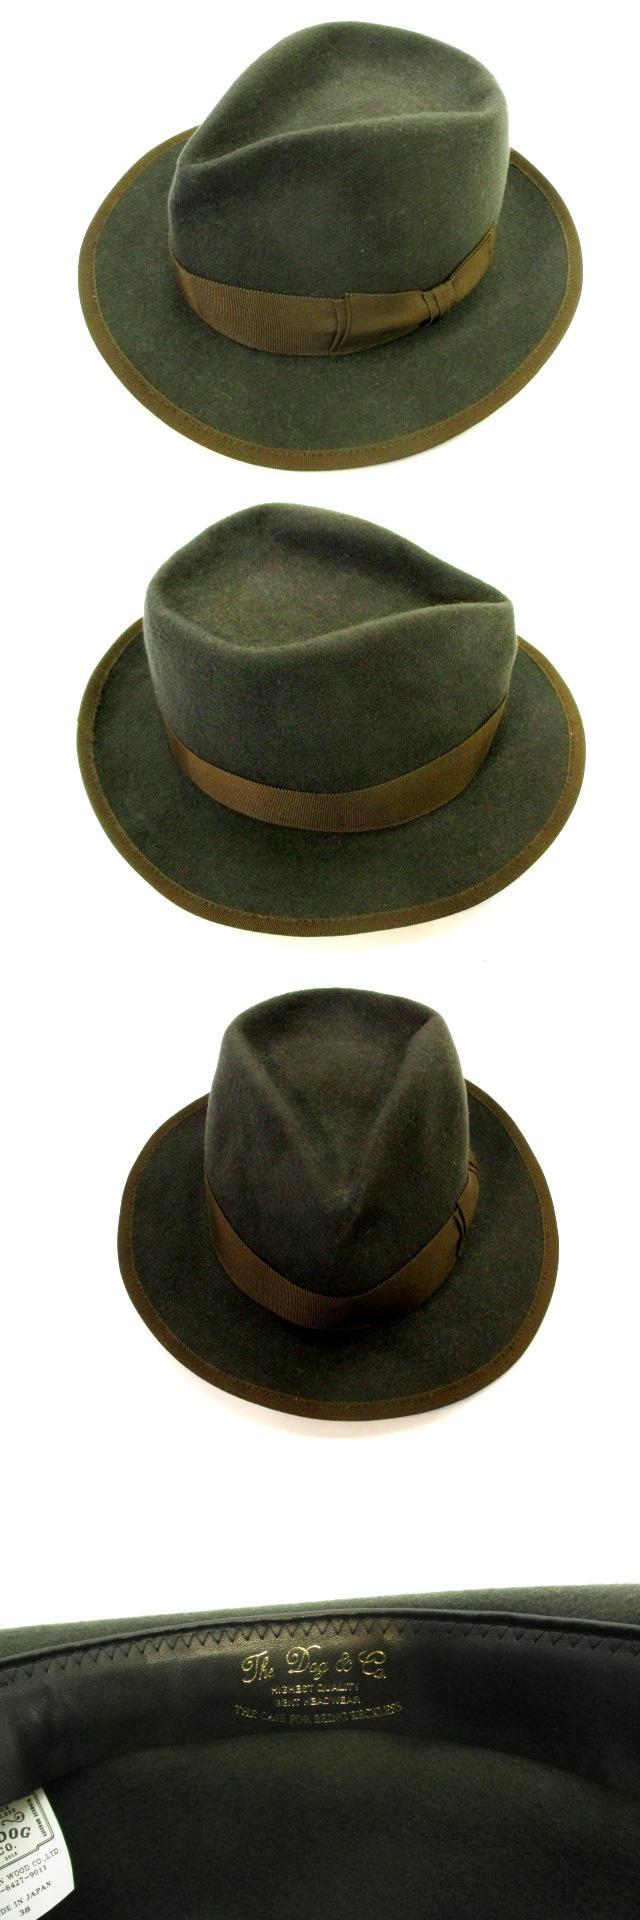 ドッグアンドコー THE H.W. DOG&CO ウールフェルト 中折れ帽 ハット 帽子 深緑 ダークグリーン